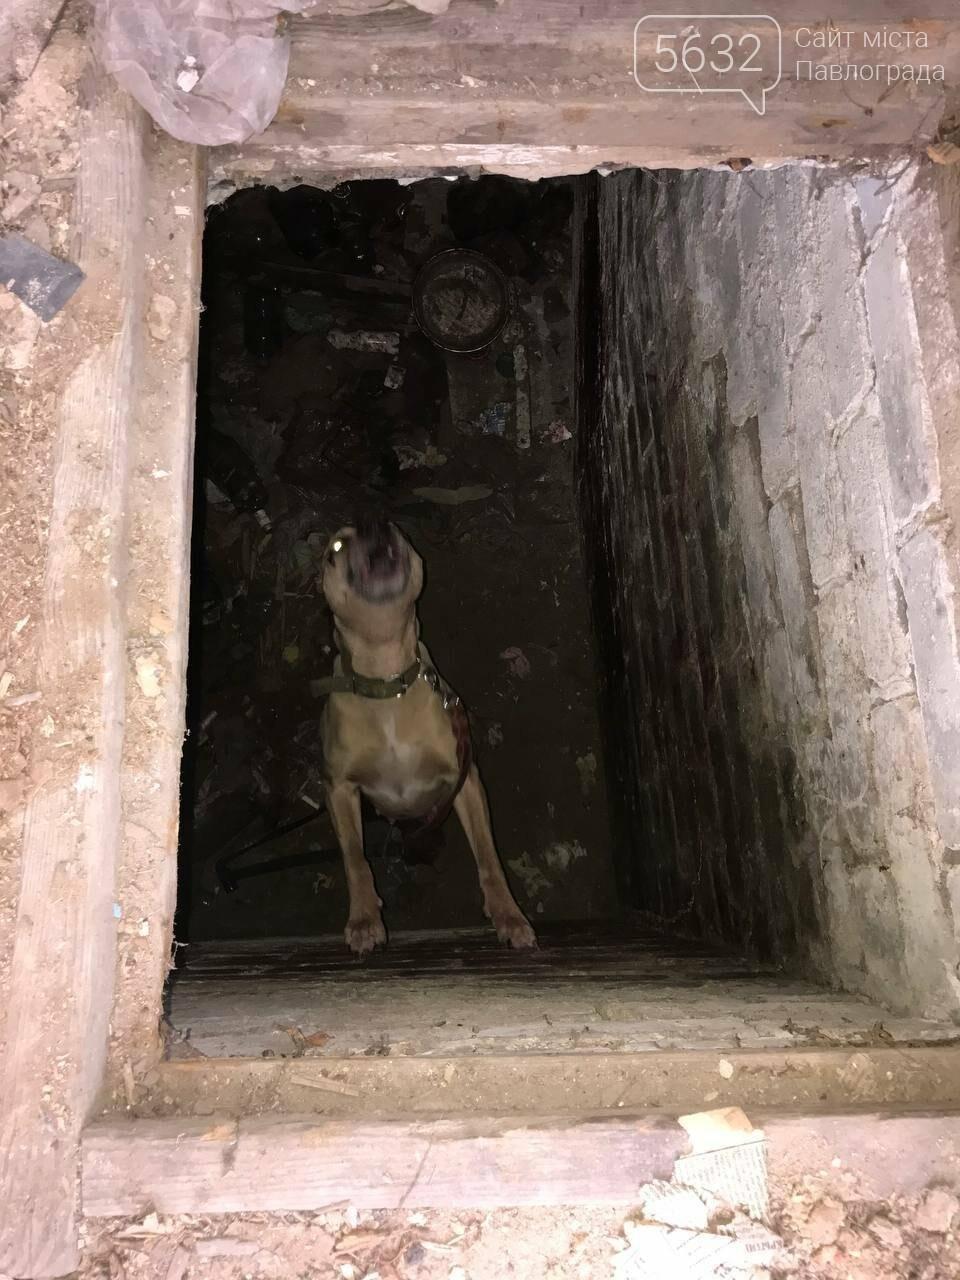 В Павлограде спасли собаку, которую держал в подвальном помещении нерадивый хозяин, фото-4